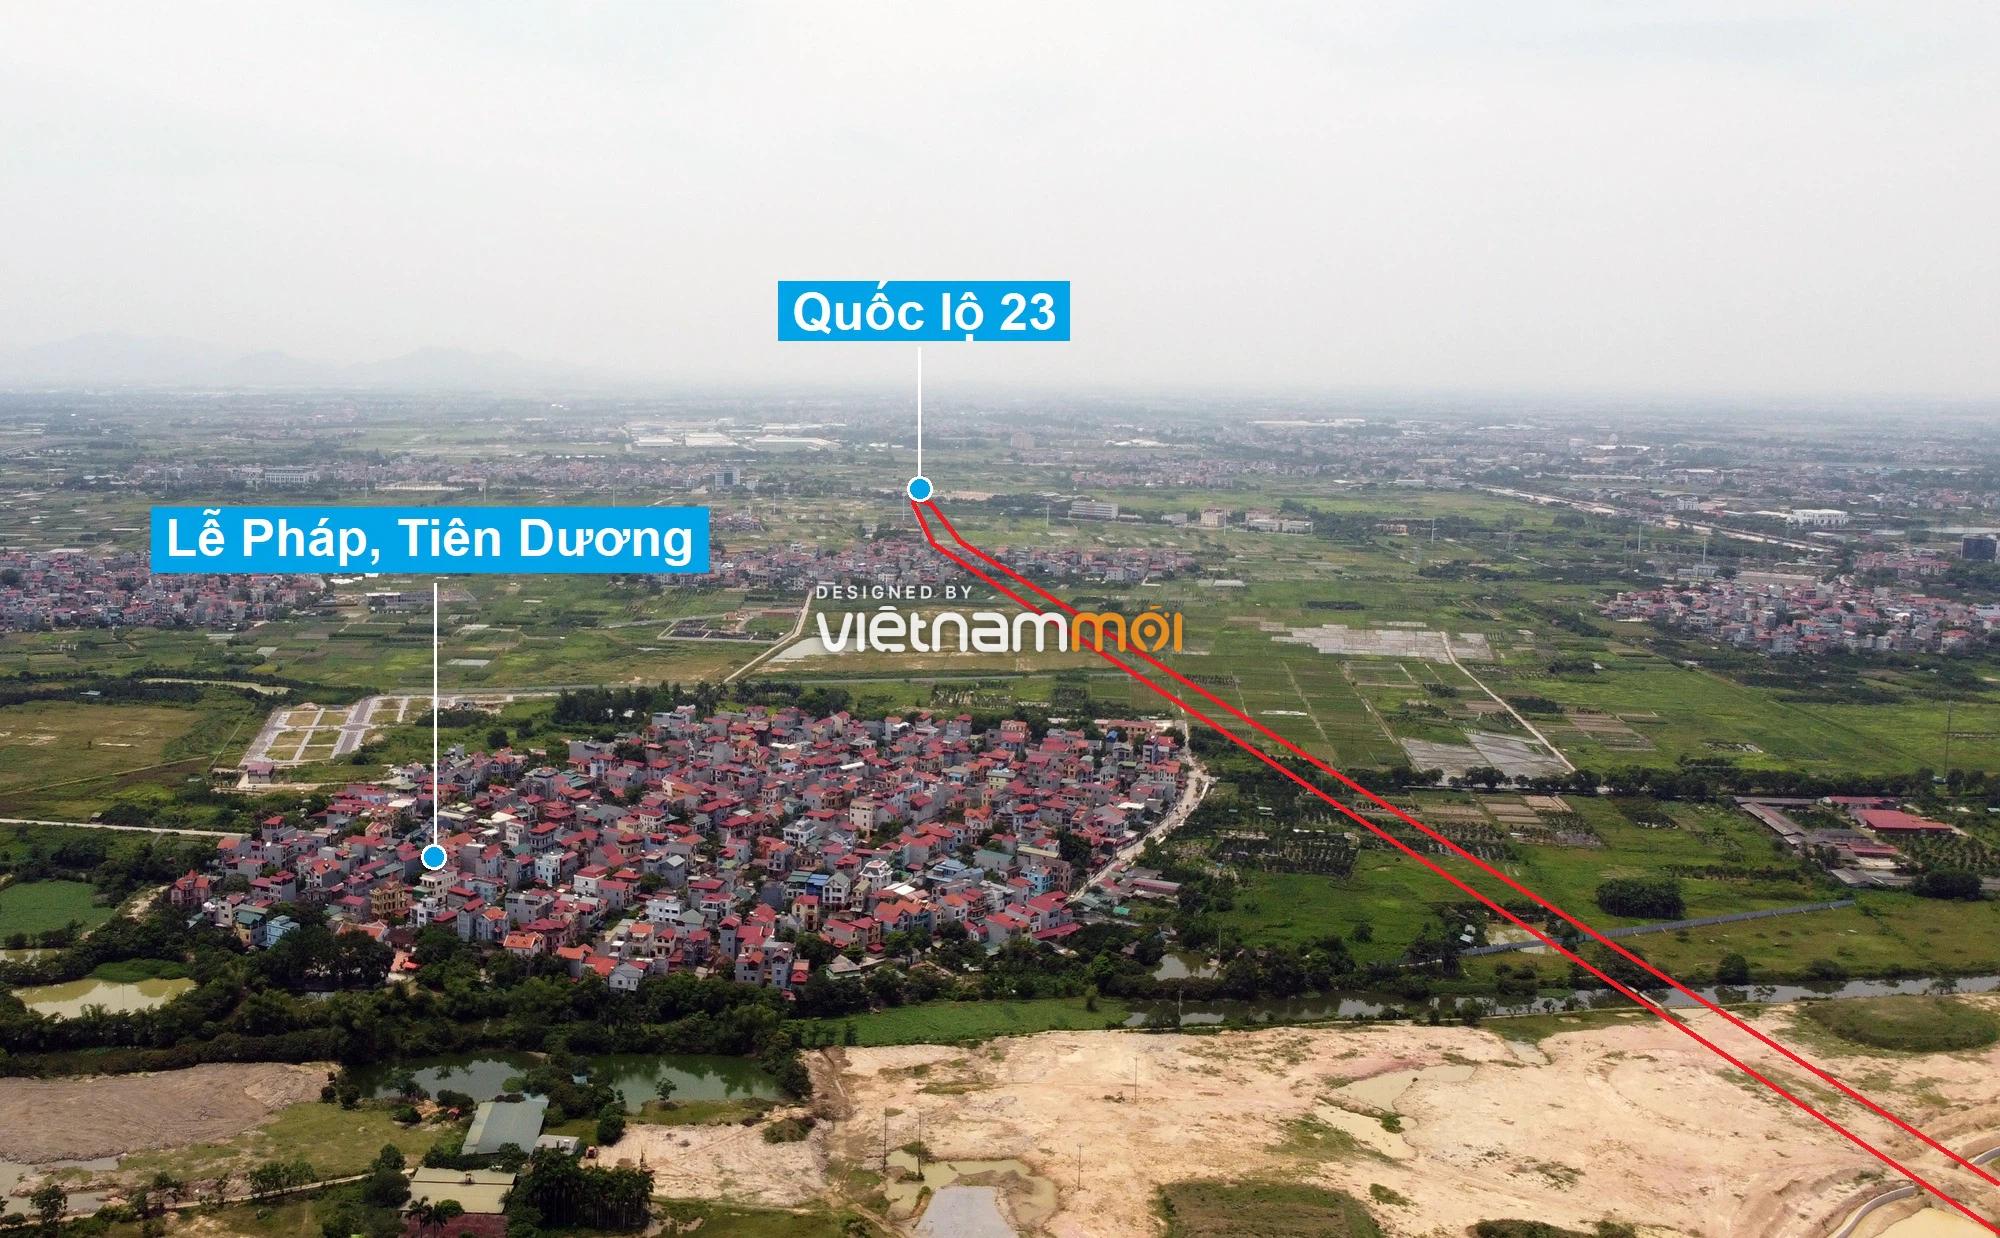 Đường sẽ mở theo quy hoạch xung quanh dự án Thành phố Thông minh Bắc Hà Nội (phần 2) - Ảnh 10.